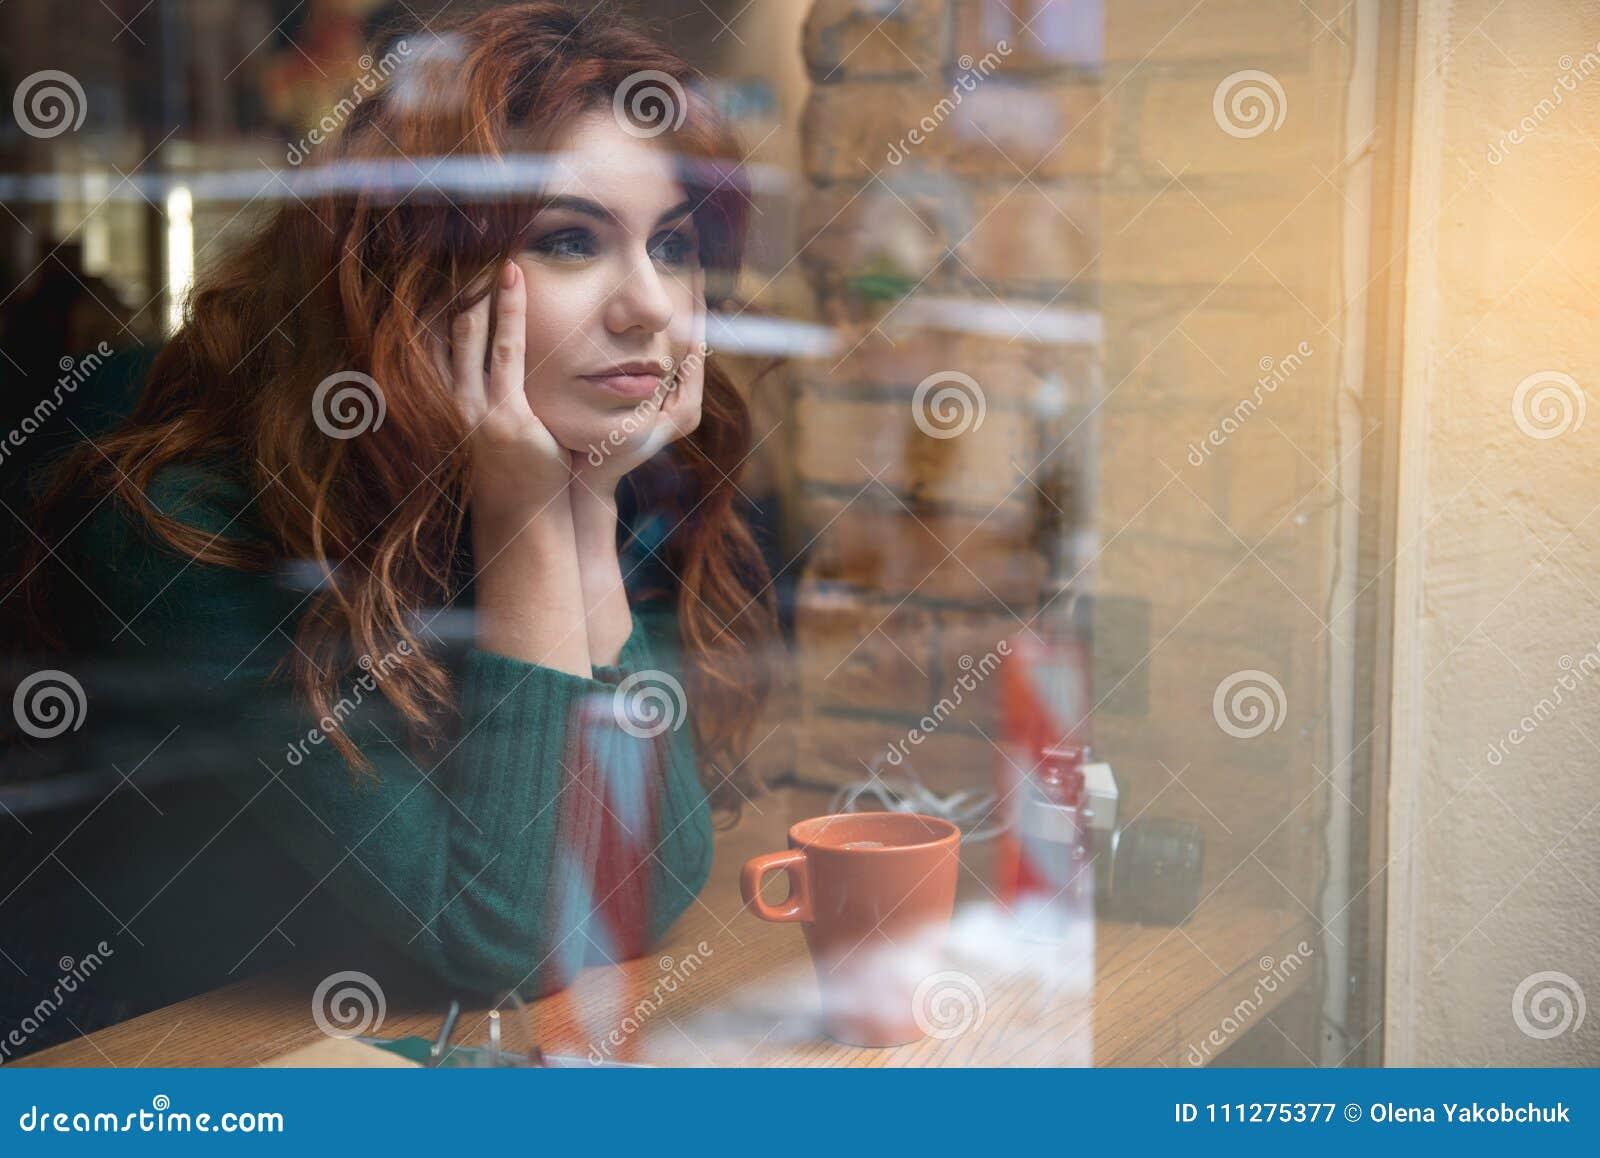 Задумчивая девушка сидя около окна в столовой